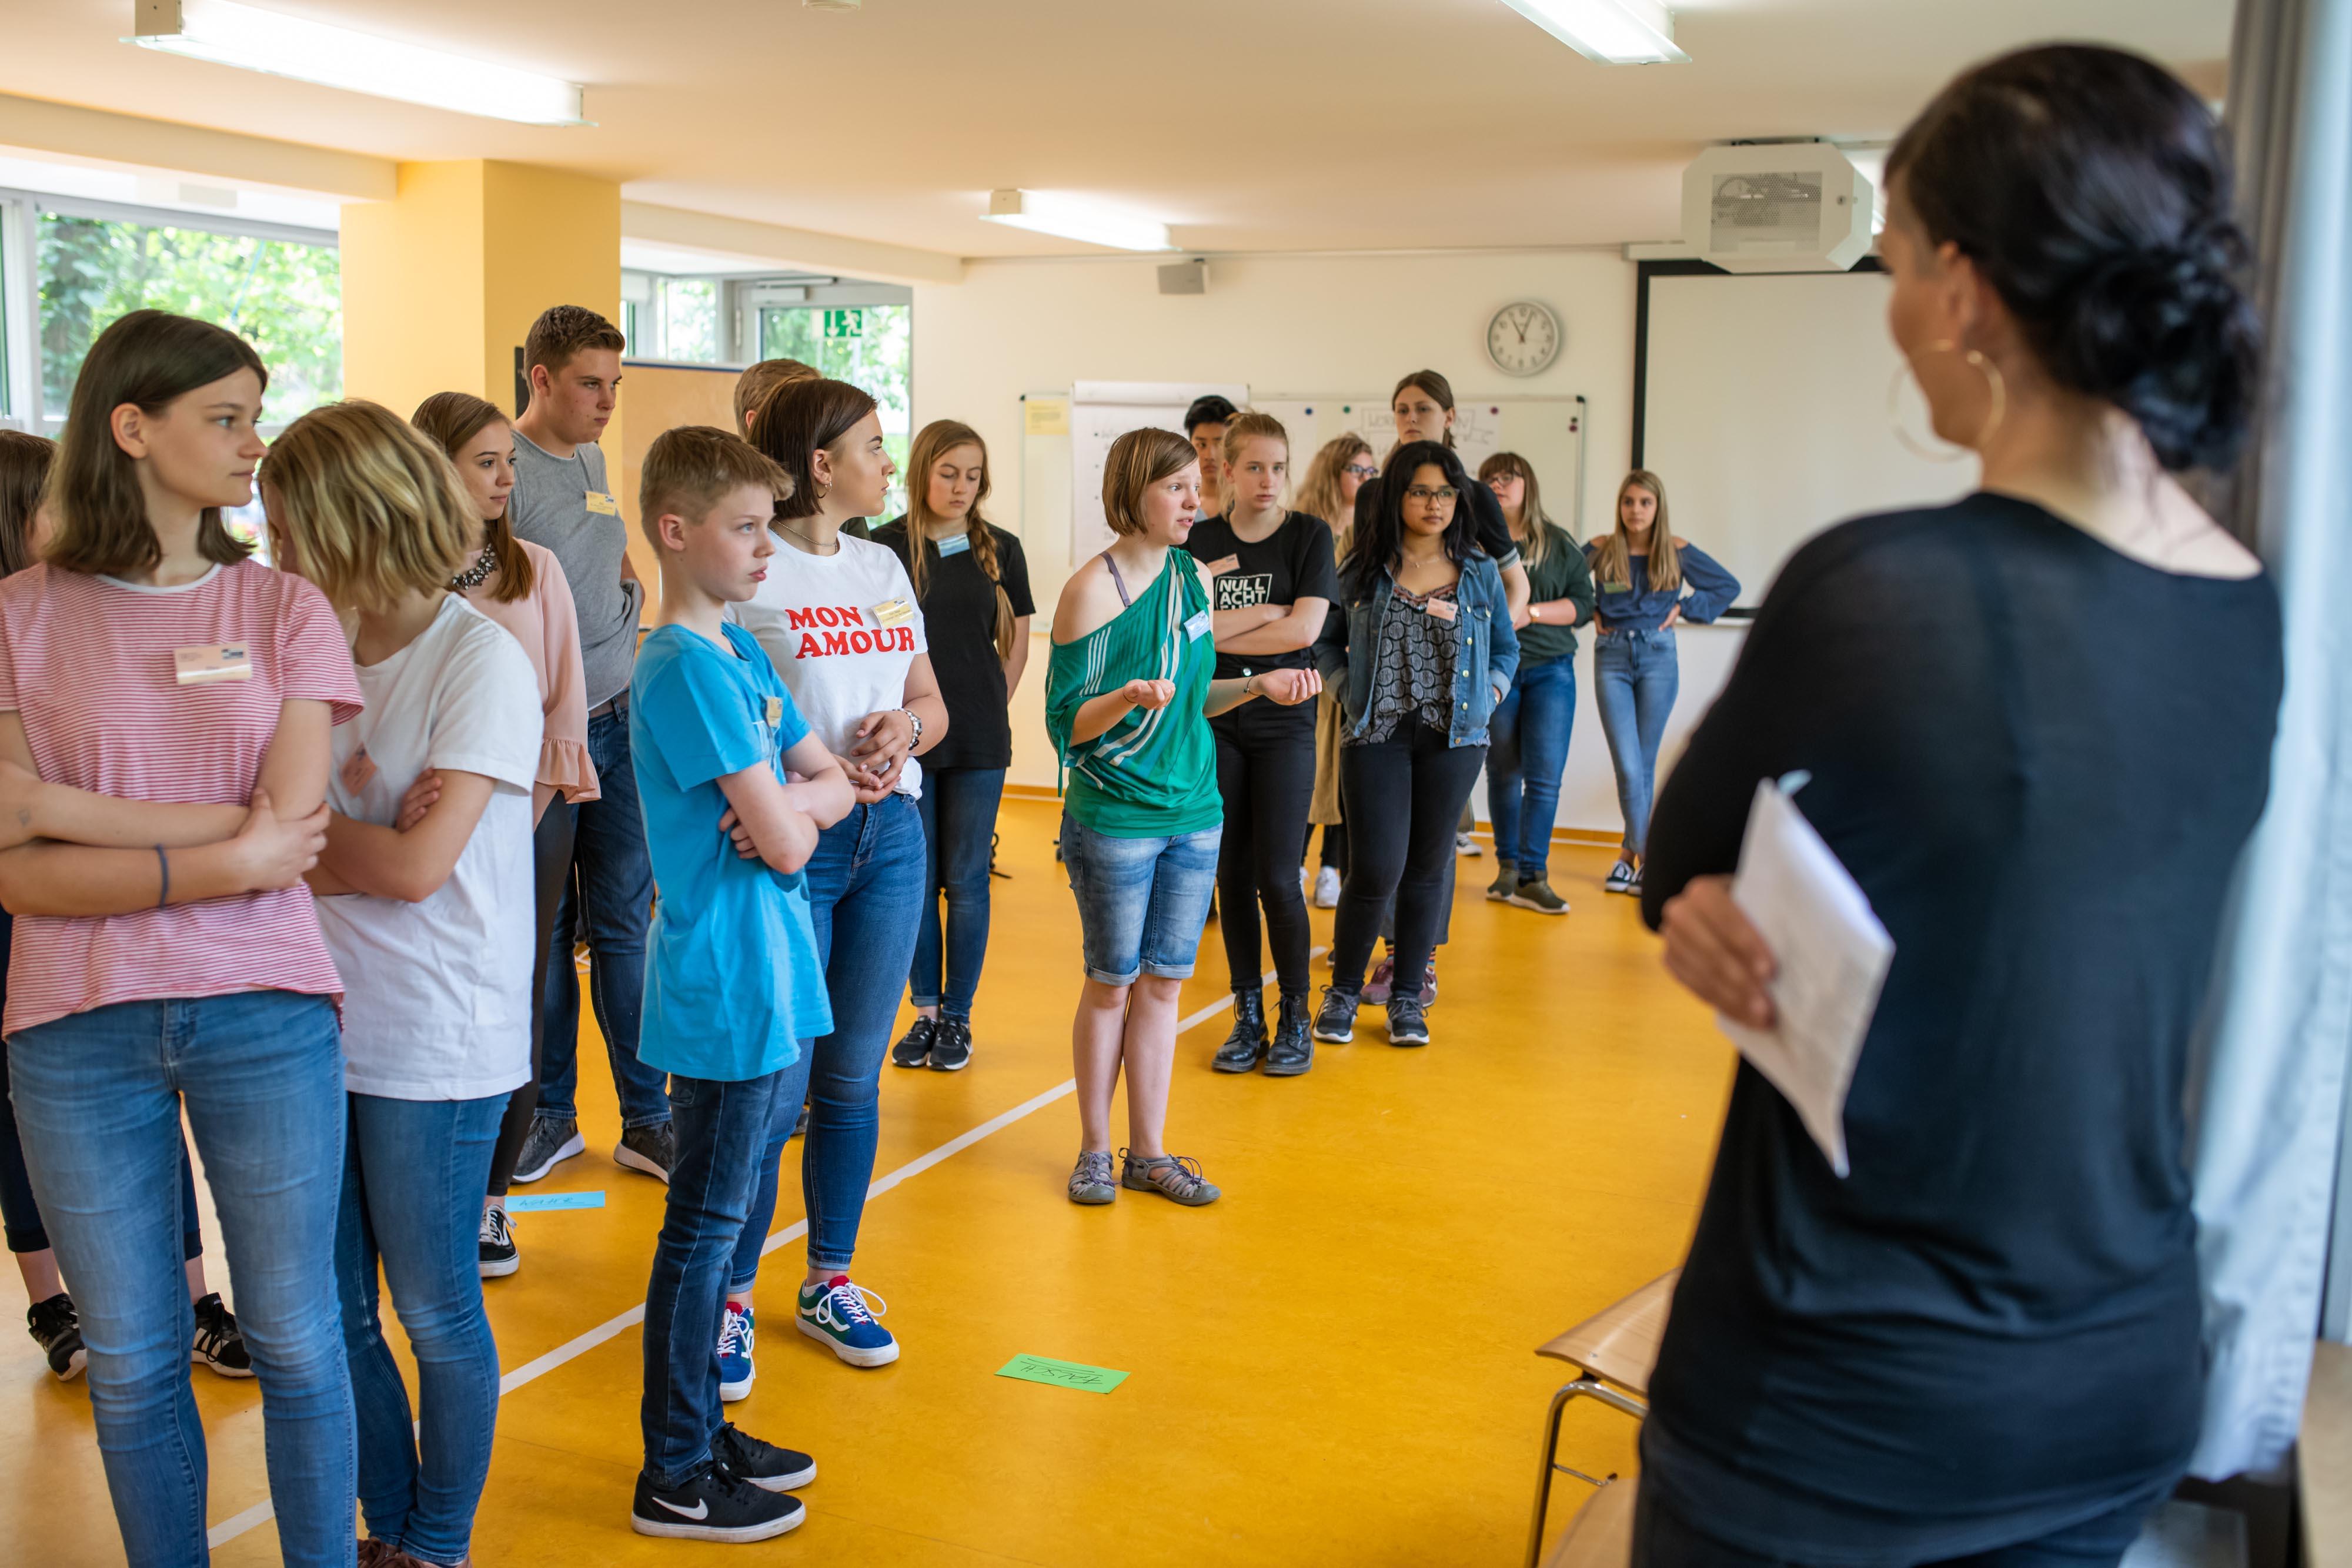 """24.04.2018 Weimar: 4. Landestreffen der """"Schule ohne Rassismus - Schule mit Courage"""" der Stiftung """"Europäische Jugendbildungs- und Jugendbegegnungstätte Weimar"""" (EJBW). Foto: Thomas Müller"""